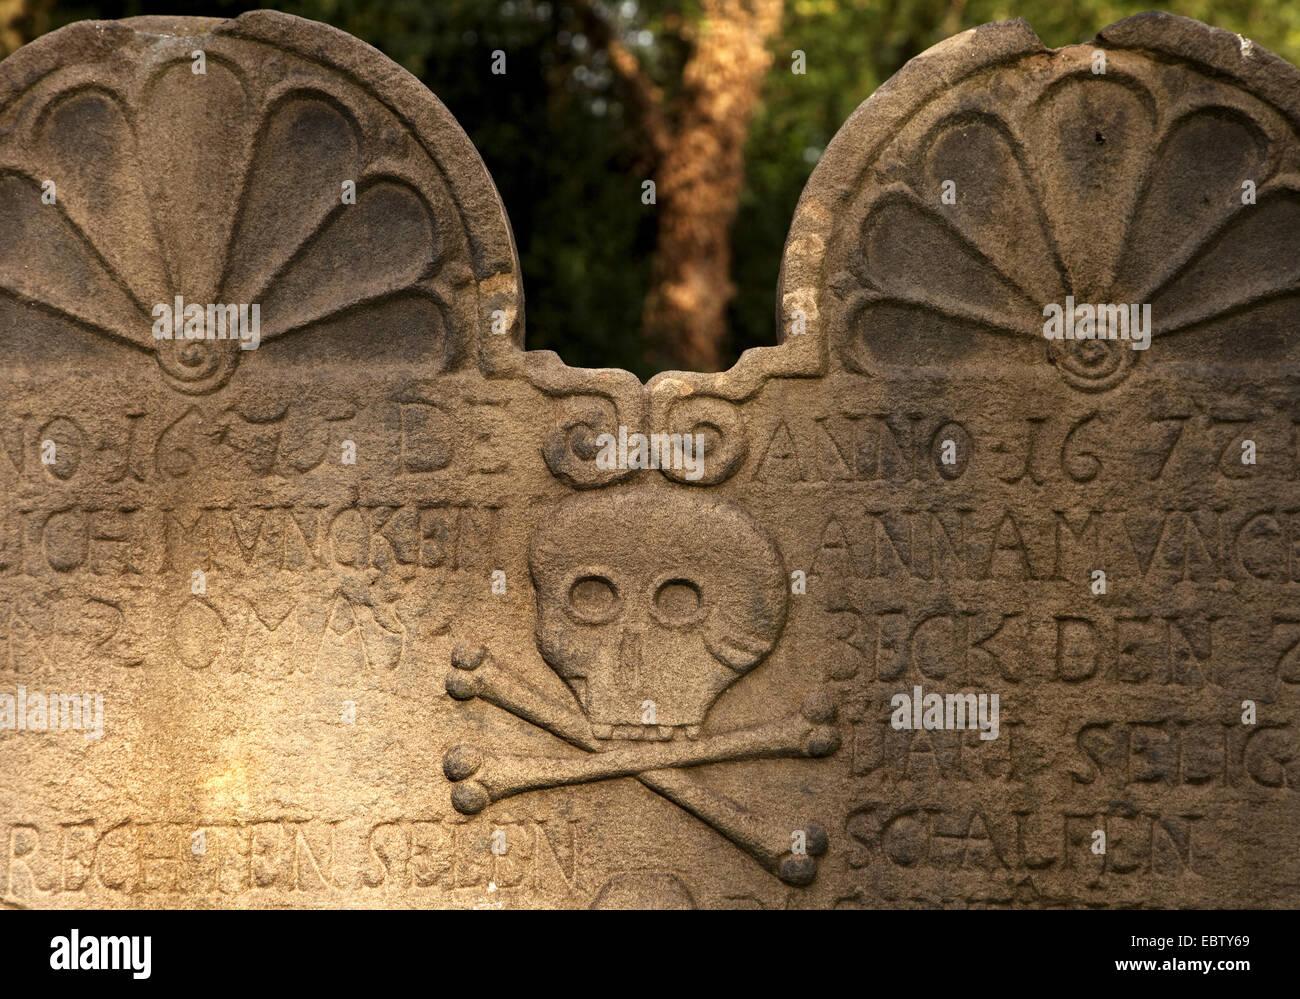 Detalle de la tumba en el cementerio de la antigua iglesia en Stiepel, Stiepeler Dorfkirche, Alemania, Renania del Norte-Westfalia, área de Ruhr, Bochum Foto de stock